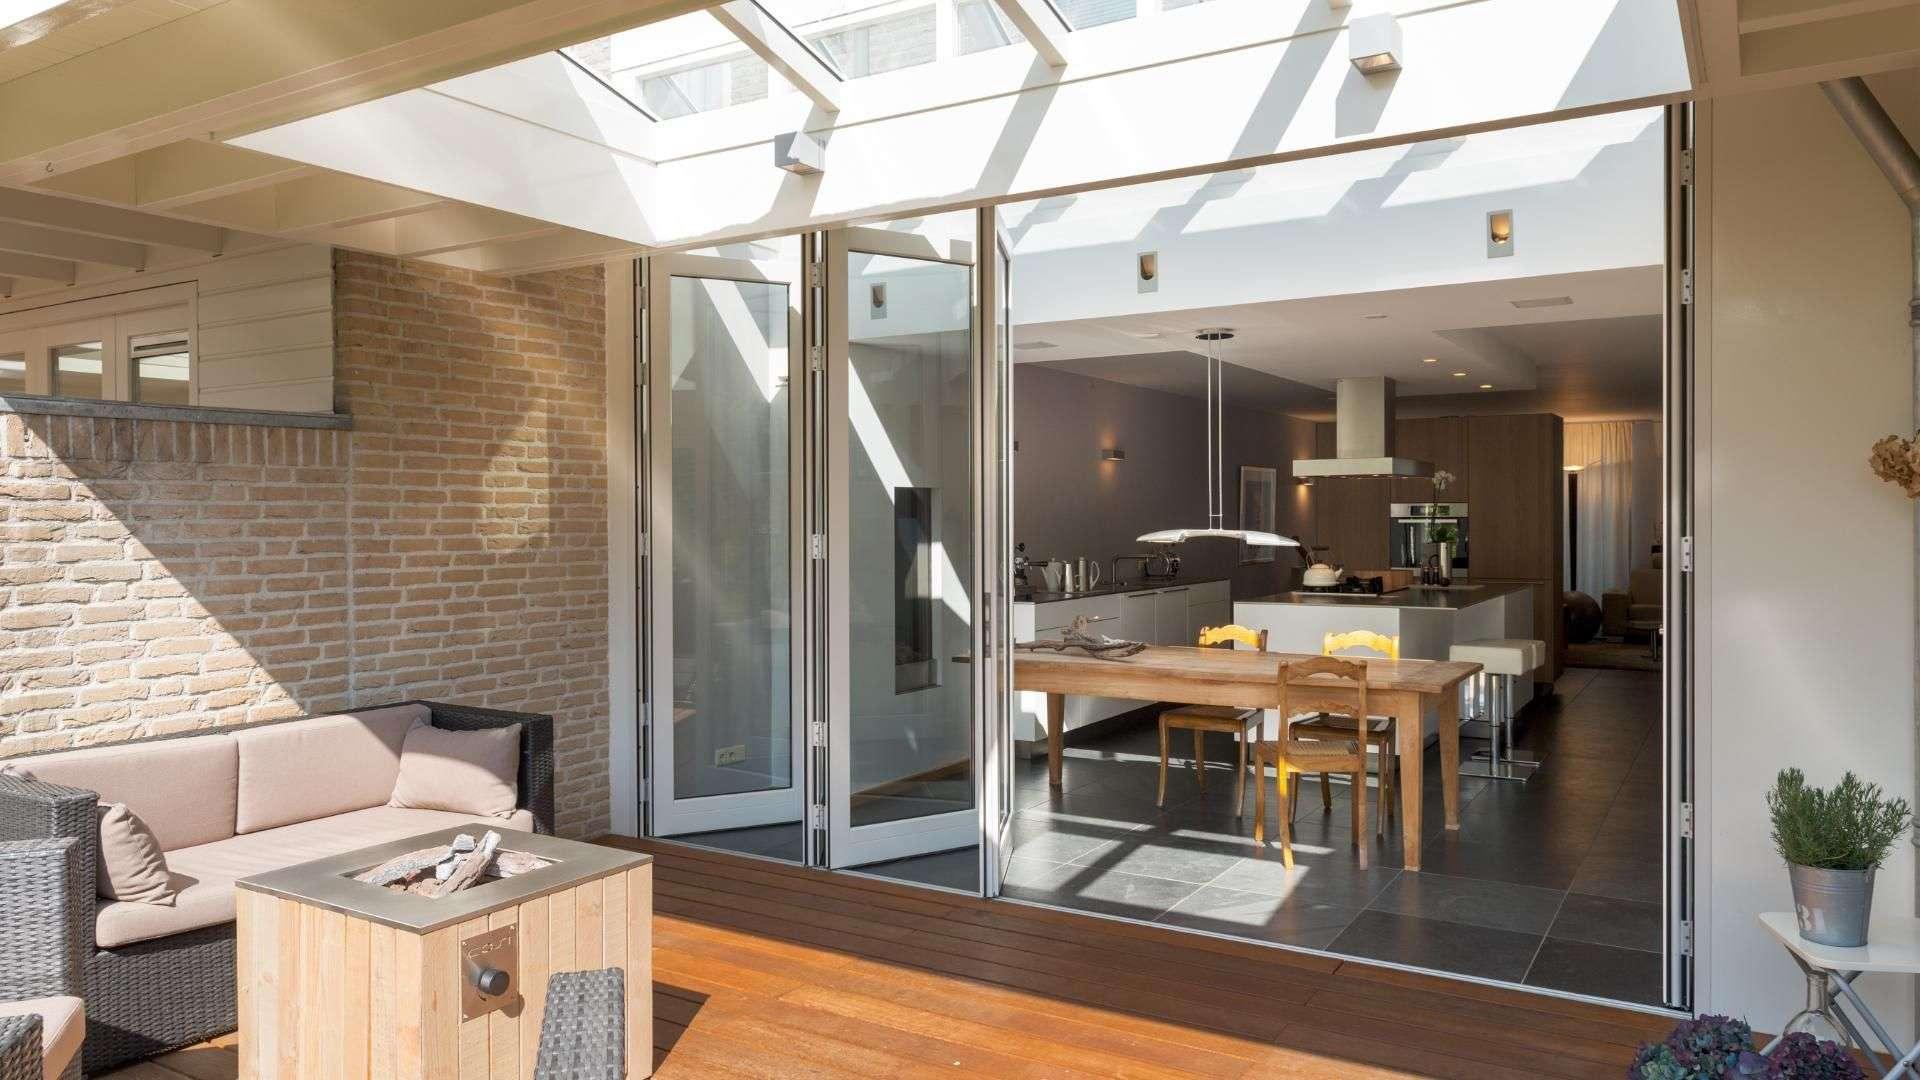 geöffnete Glas-Faltwand zu einer Küche